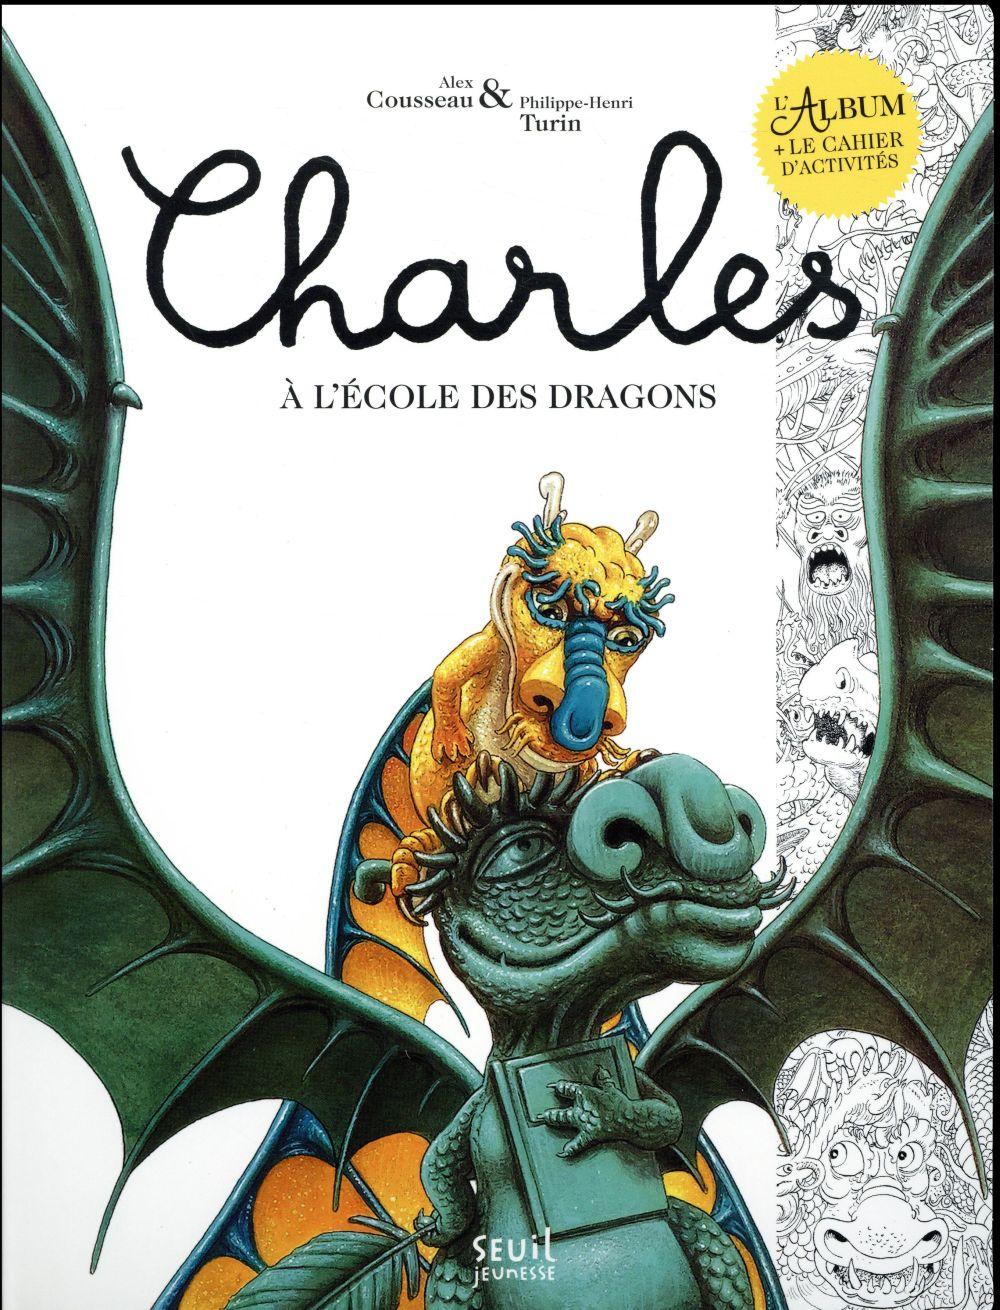 CHARLES A L'ECOLE DES DRAGONS. LIVRE ET CAHIER D'ACTIVITES